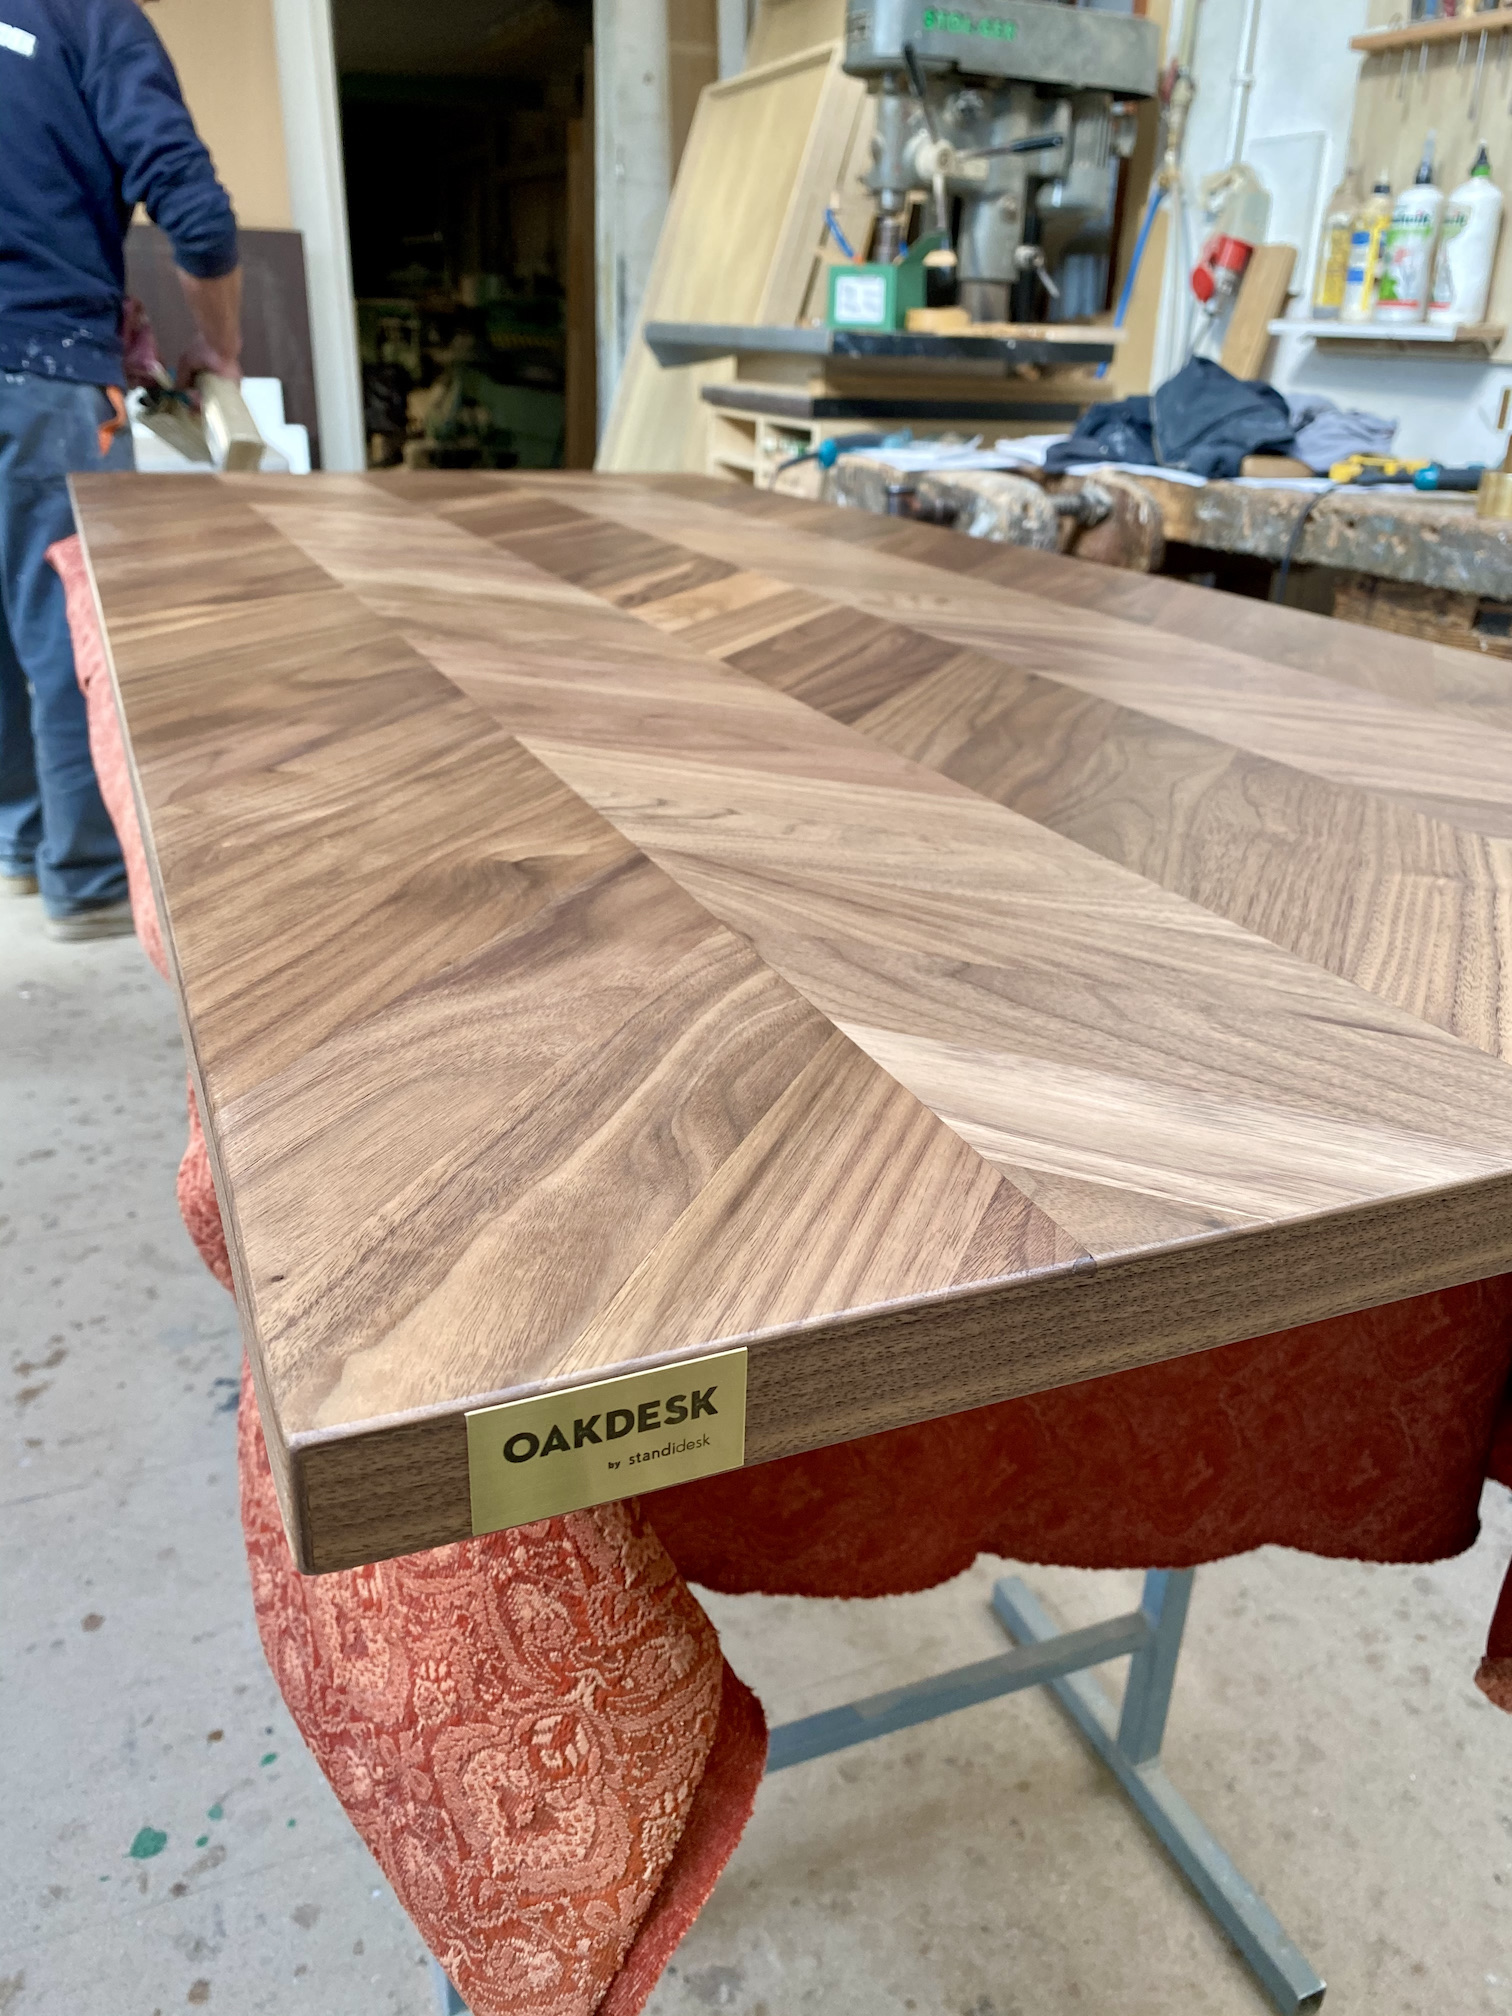 OAKDESK - biurko regulowane elektrycznie z blatem dąb naturalna krawędź premium 23